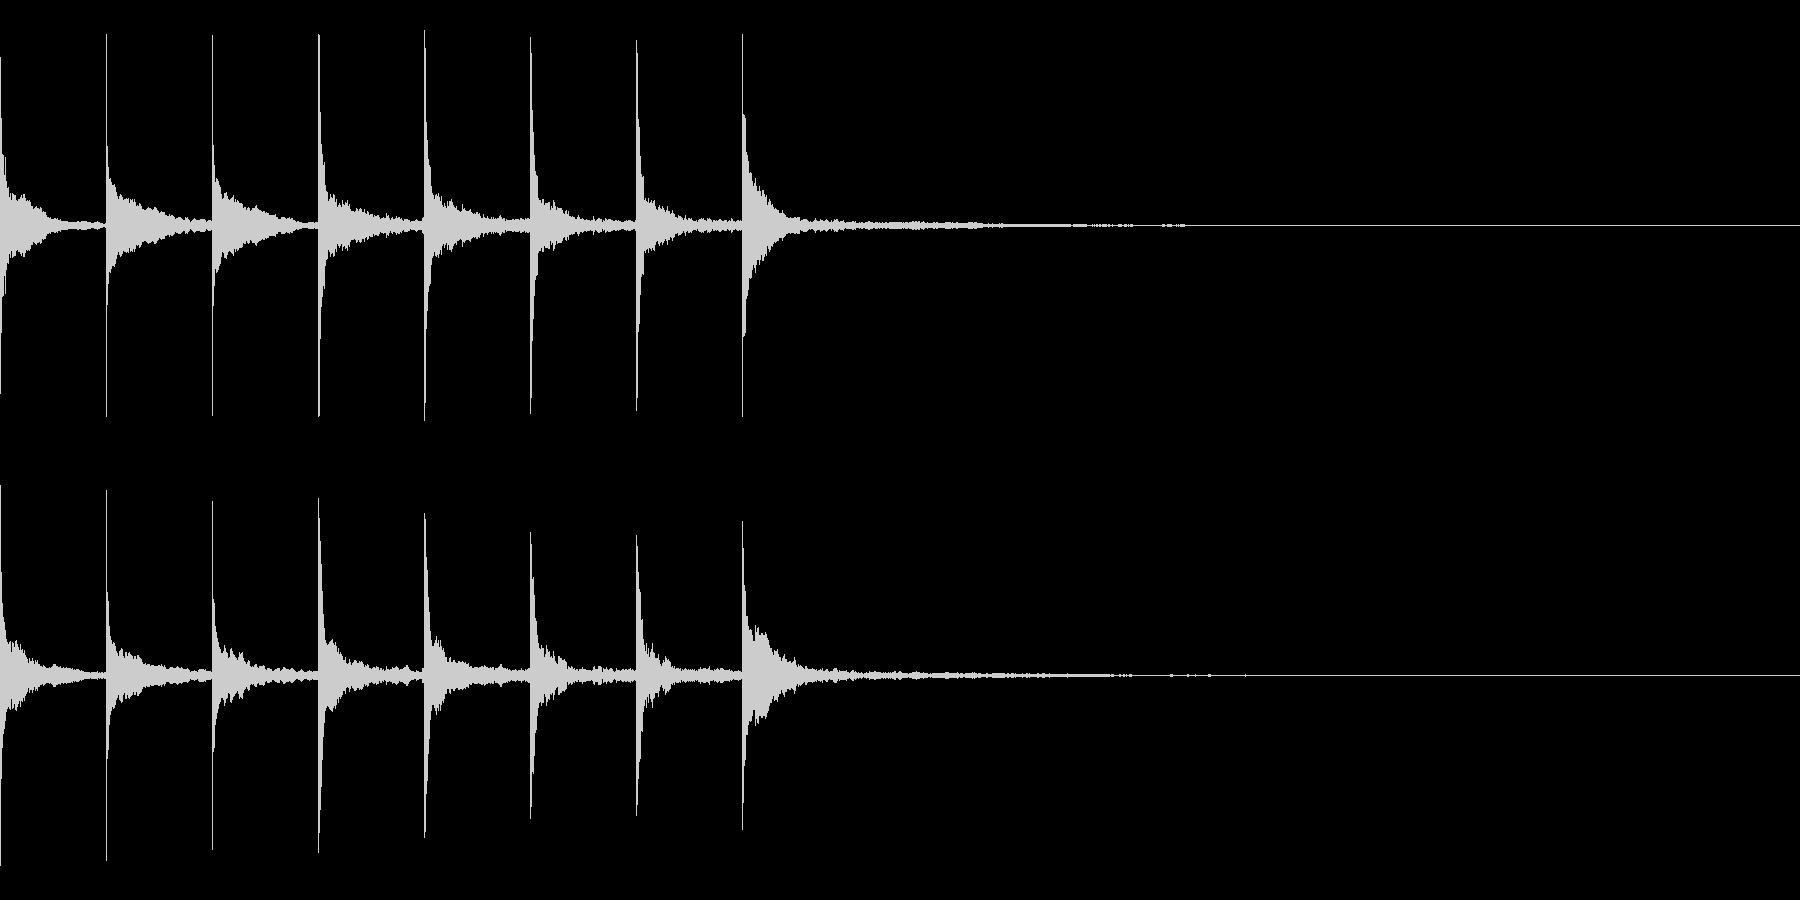 トントントントン・・・(上がり系)の未再生の波形